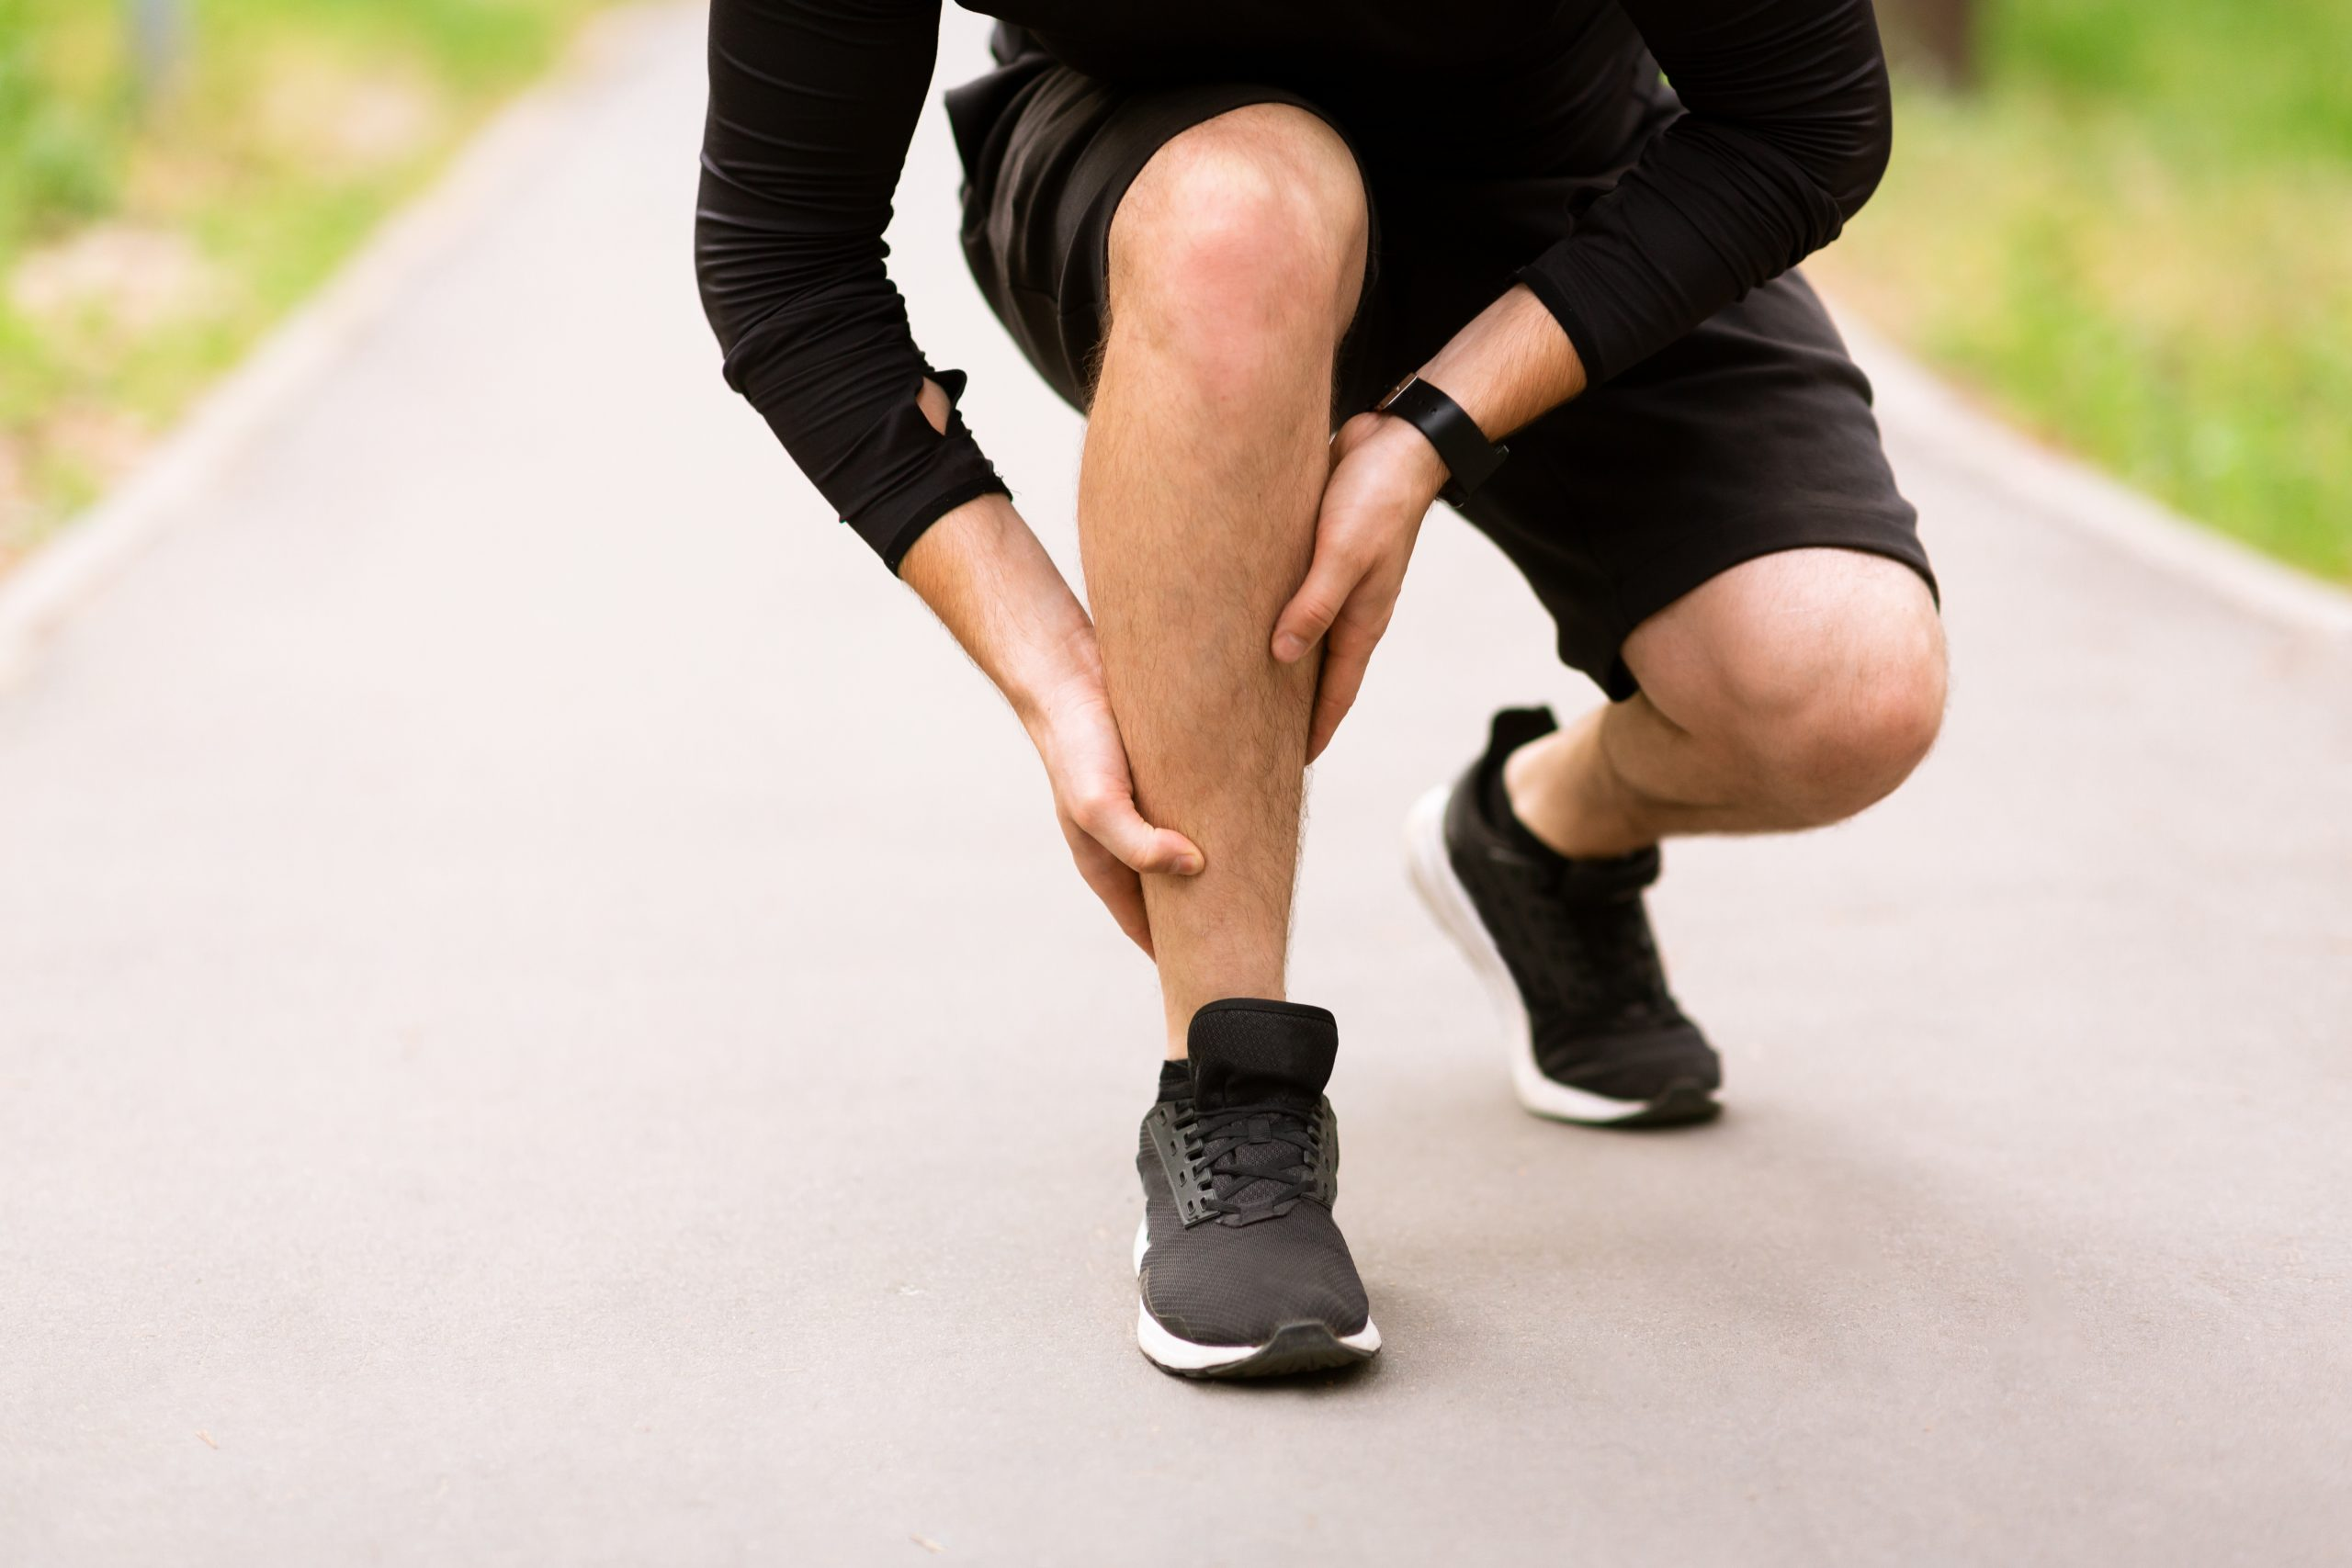 faire du sport avec des courbatures bonne ou mauvaise idée